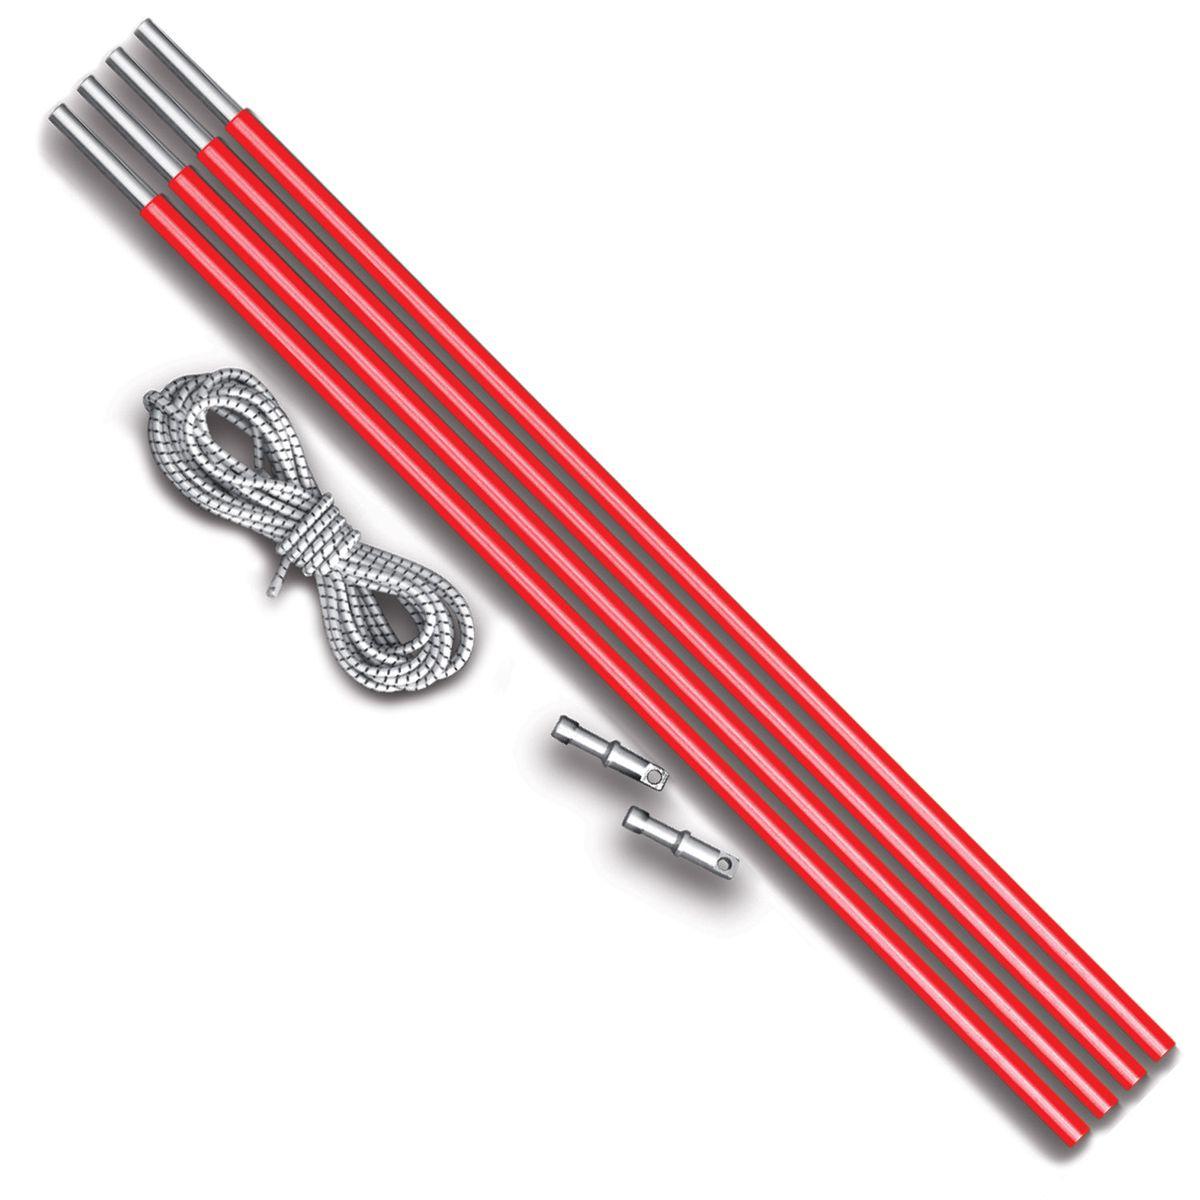 Комплект дуг алюминий Nova Tour v2, цвет: красный металлик, диаметр 8,5 мм0003929Ремонтный набор Nova Tour v2 предназначен для дуговых палаток. Подойдет для моделей: Эксплорер, Смарт, Терра и Спейс. В комплекте 4 секции по 50 см, 2 наконечника и 2 метра внутренней резинки. Яркие, не теряются в траве!